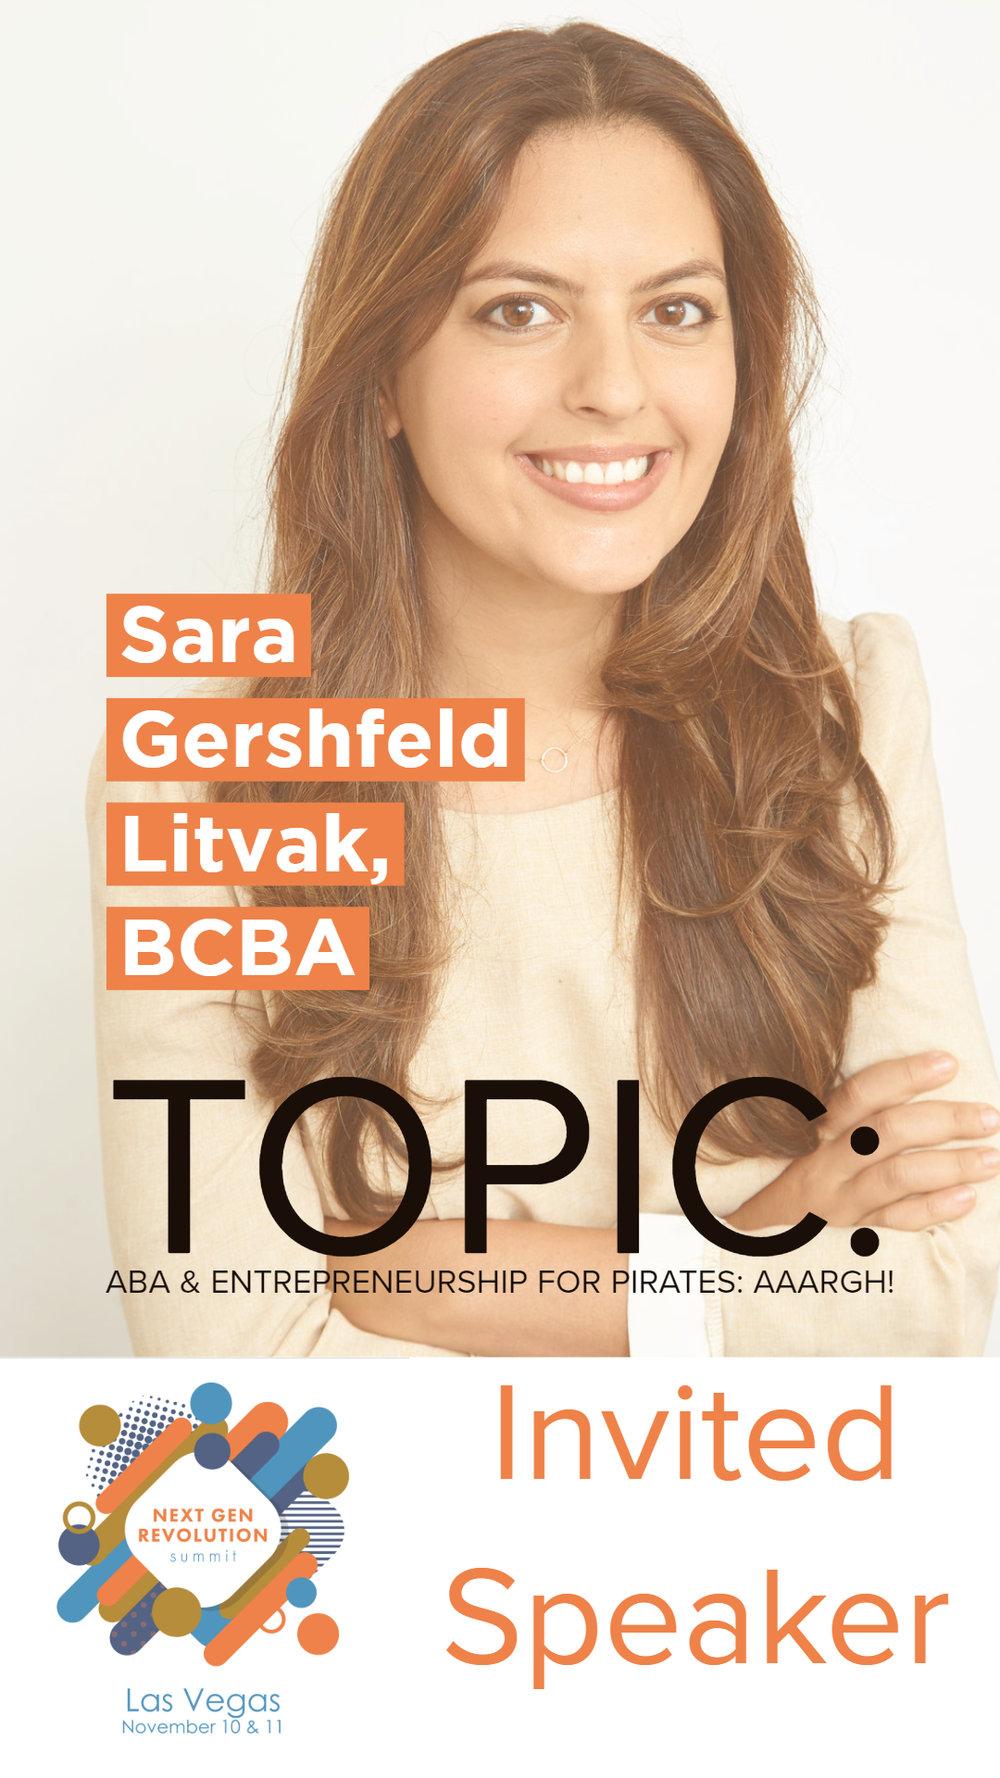 Sara Gershfeld Litvak, BCBA